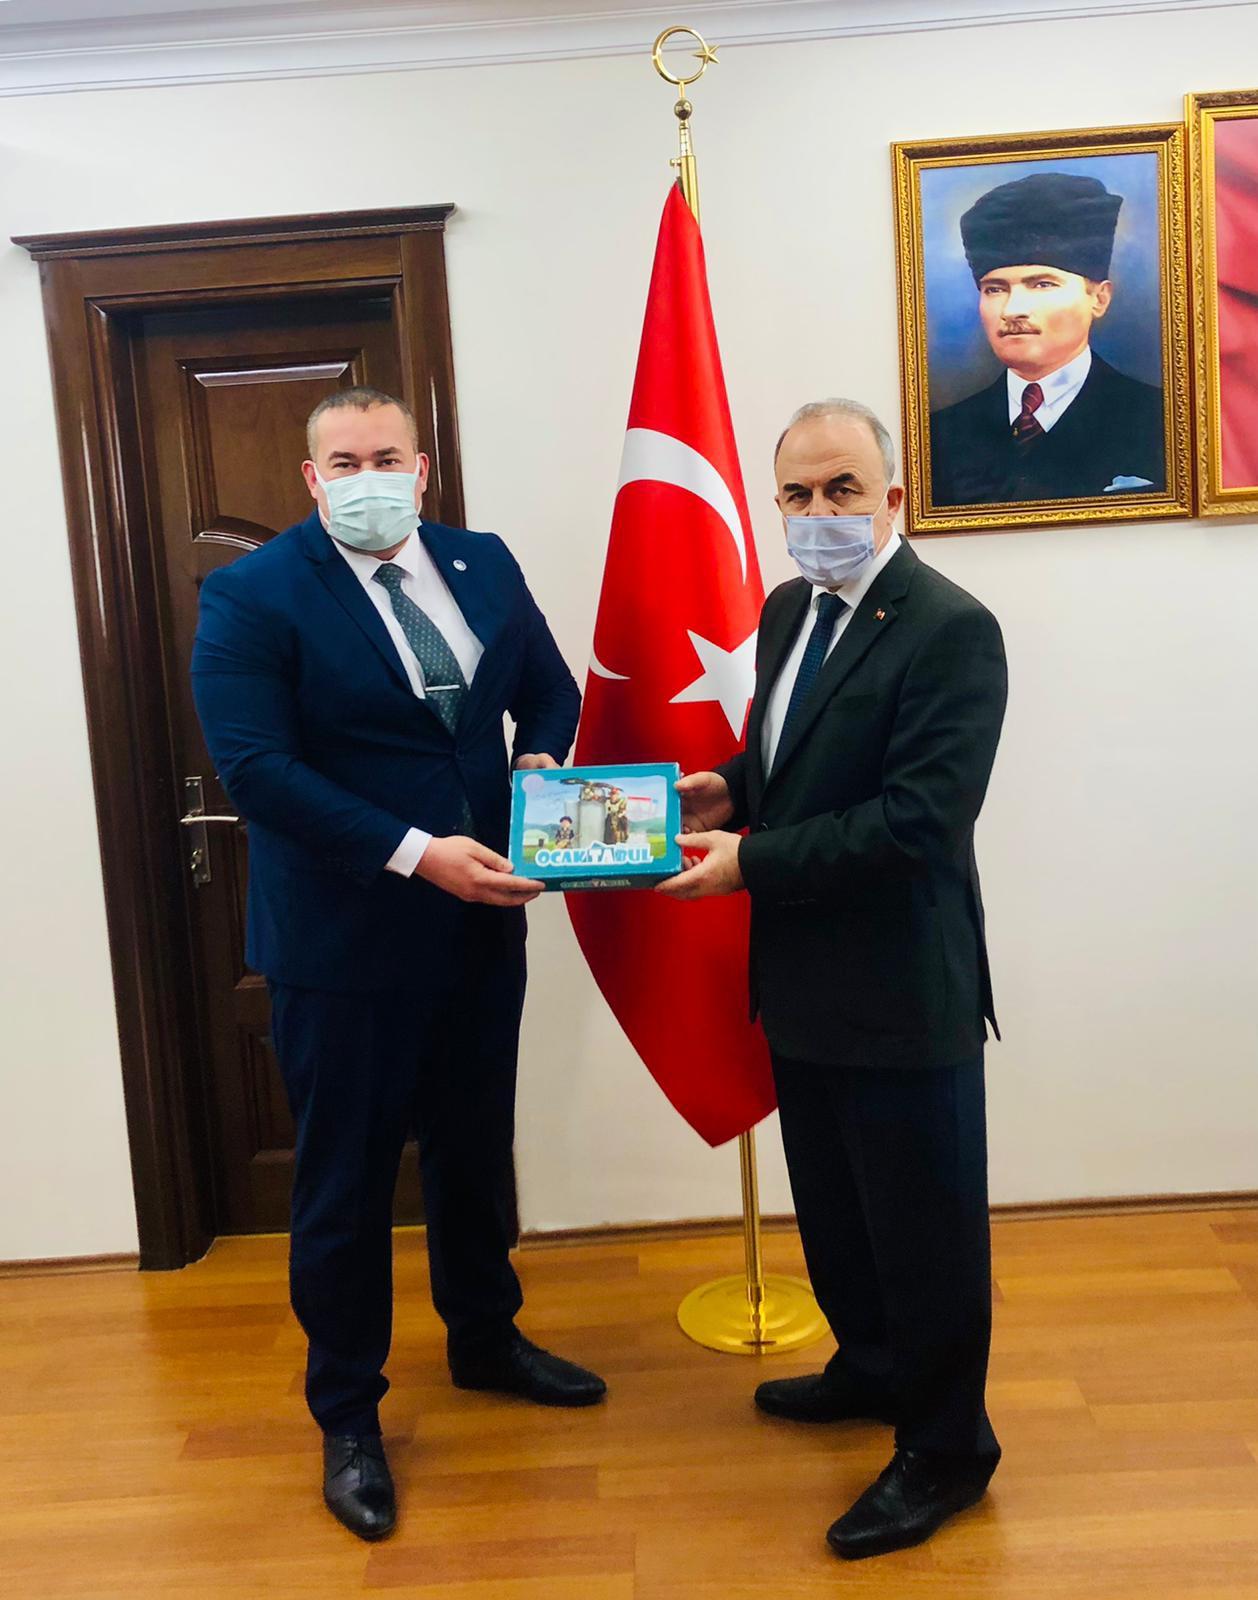 Yalova Ülkü Ocakları Başkanı Bora Tanaçan, Yalova Valisi Muammer Erol'u makamında ziyaret etti